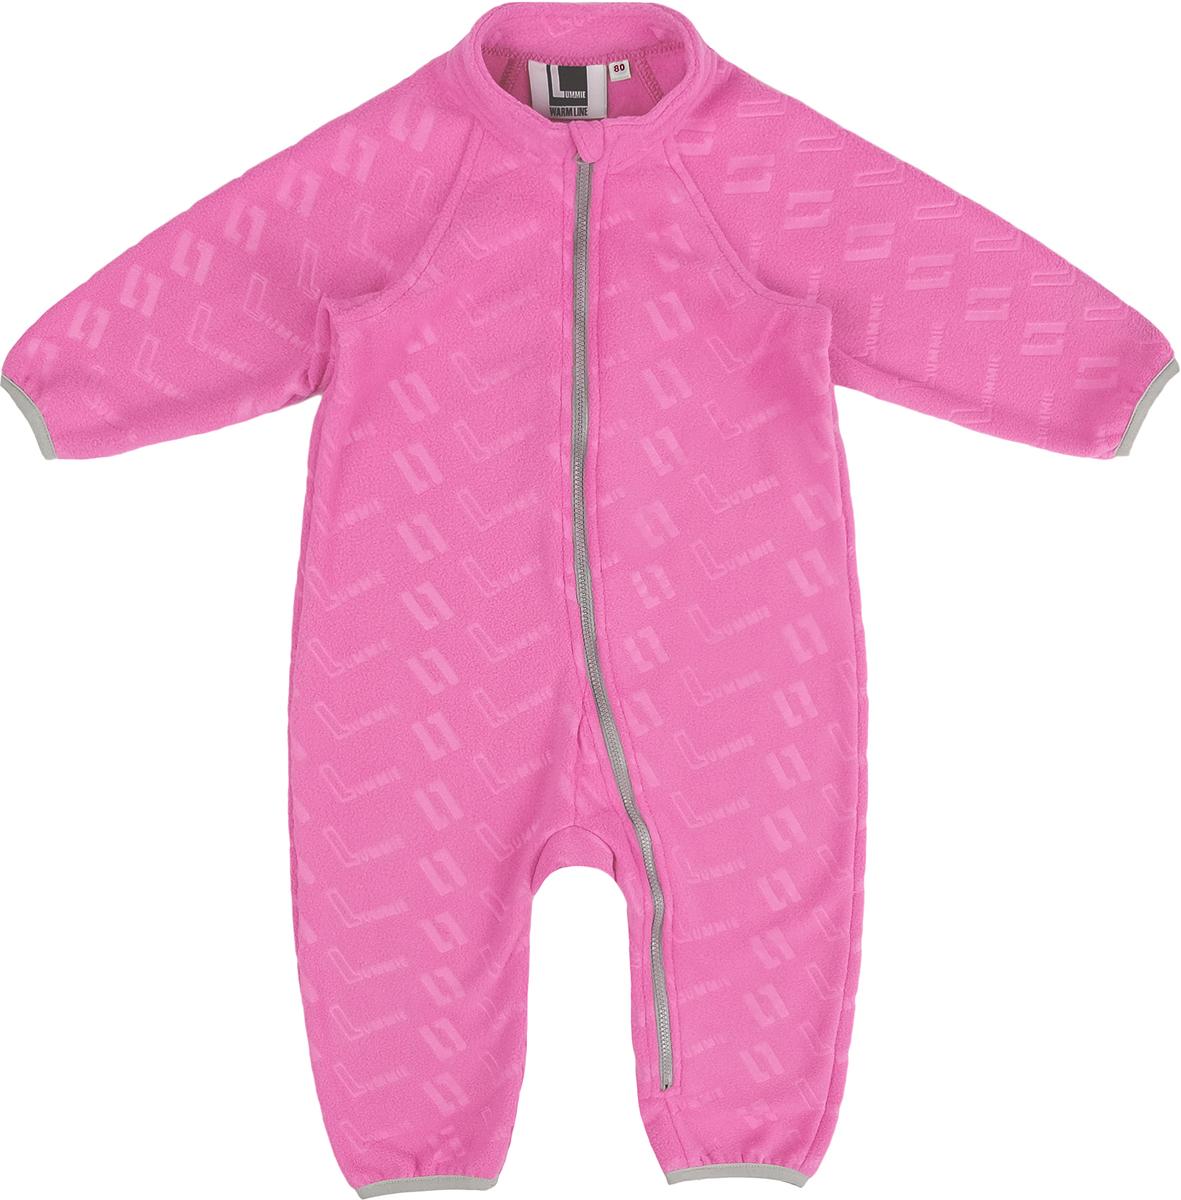 Комбинезон флисовый для девочки Lummie, цвет: розовый. WL-23 L_pink. Размер 104, 4 года коммутатор ubiquiti us 8 60w eu